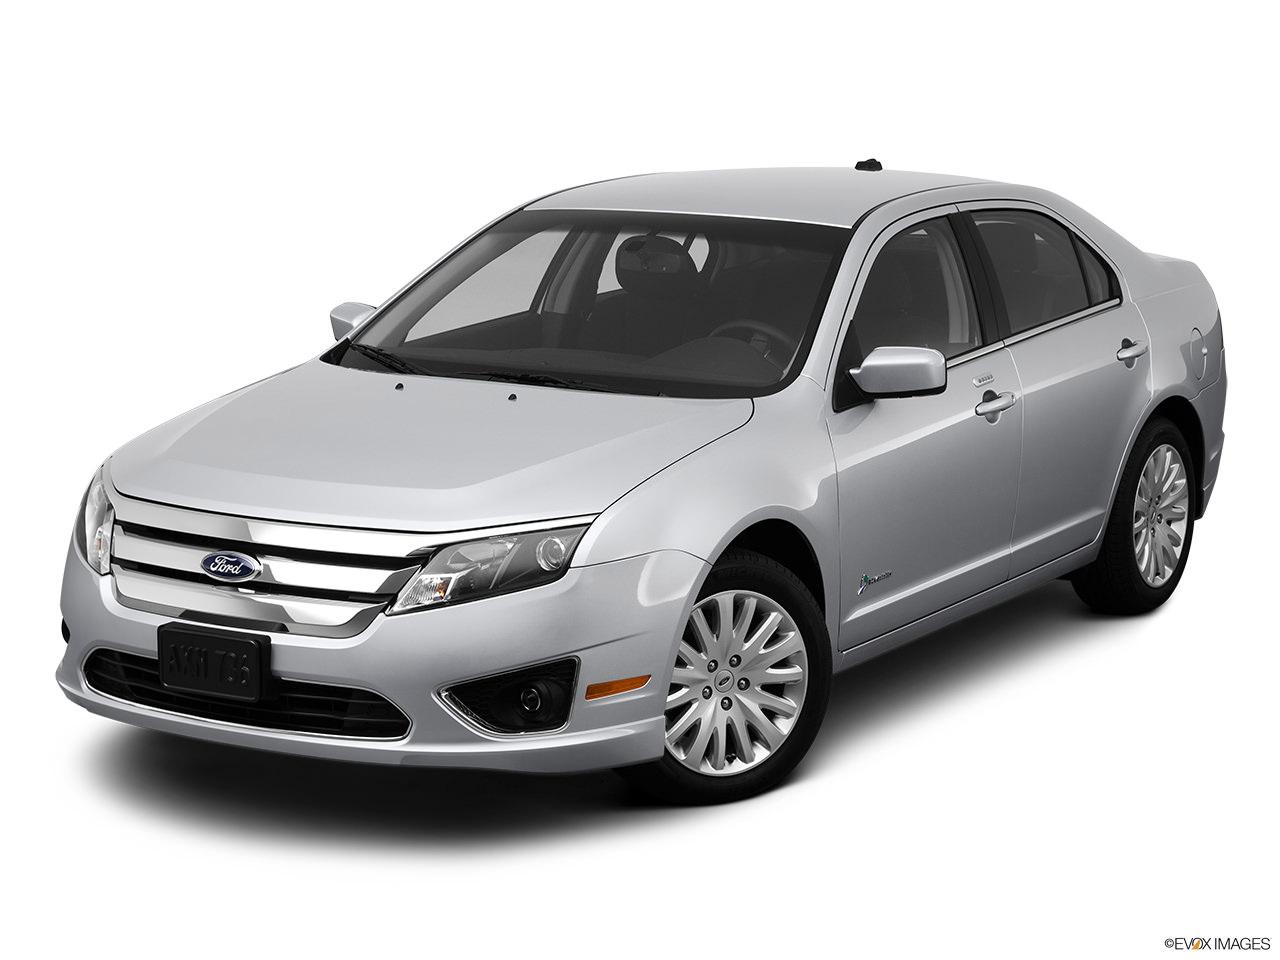 ford fusion hybrid 2012